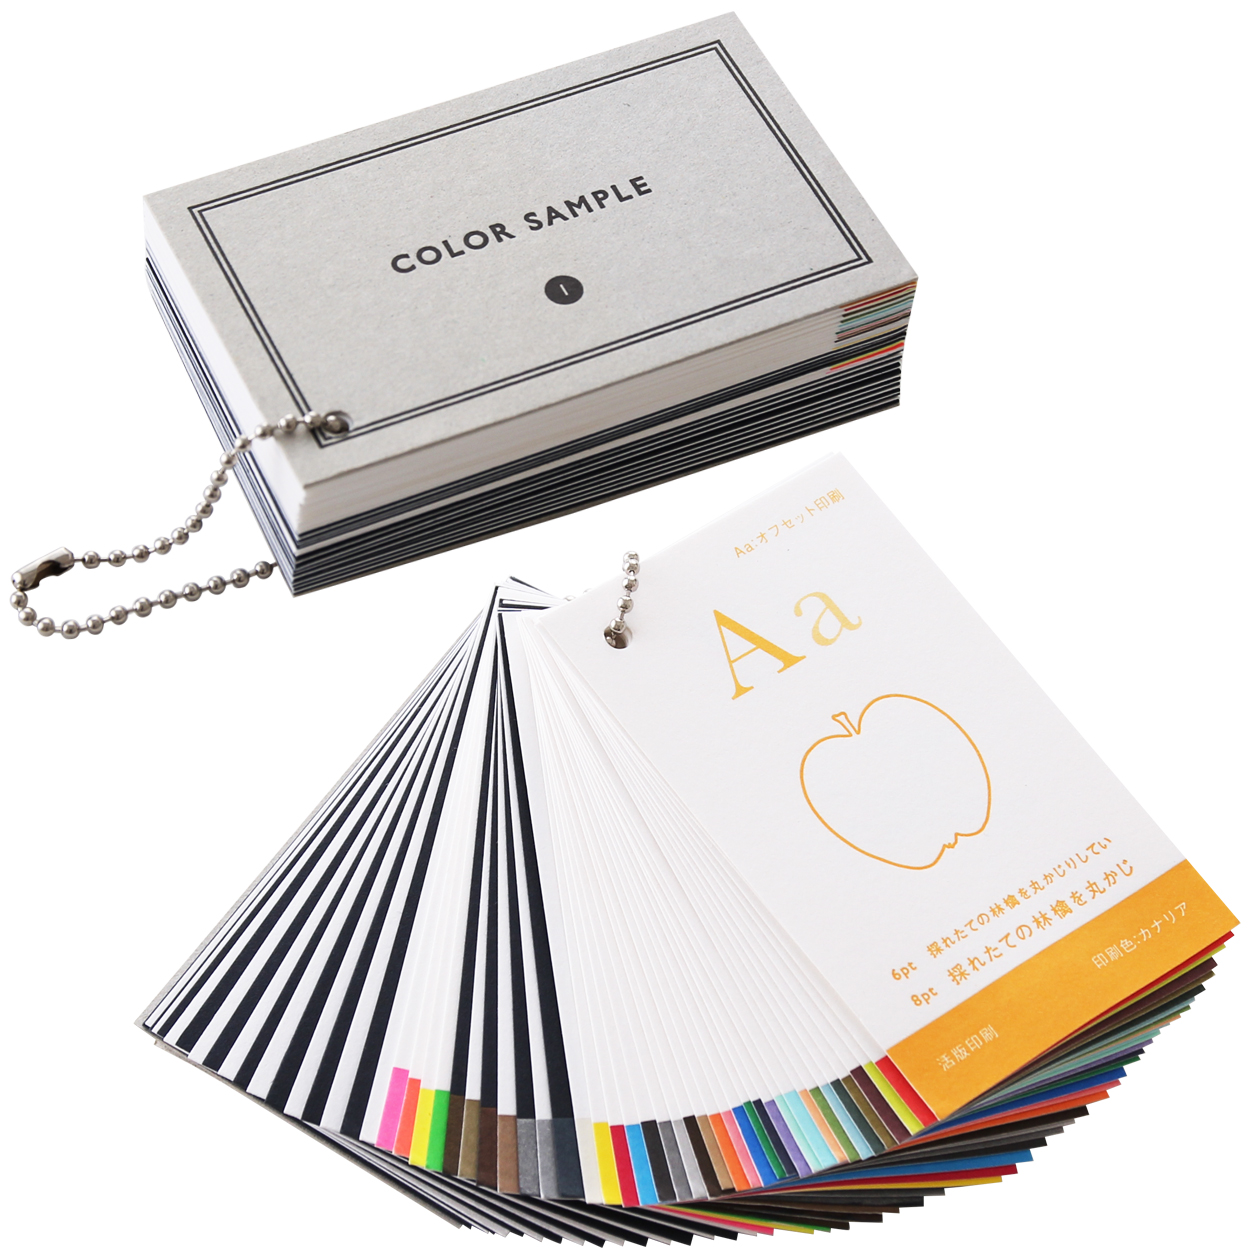 刷色見本 00214 印刷色サンプル 56枚セット